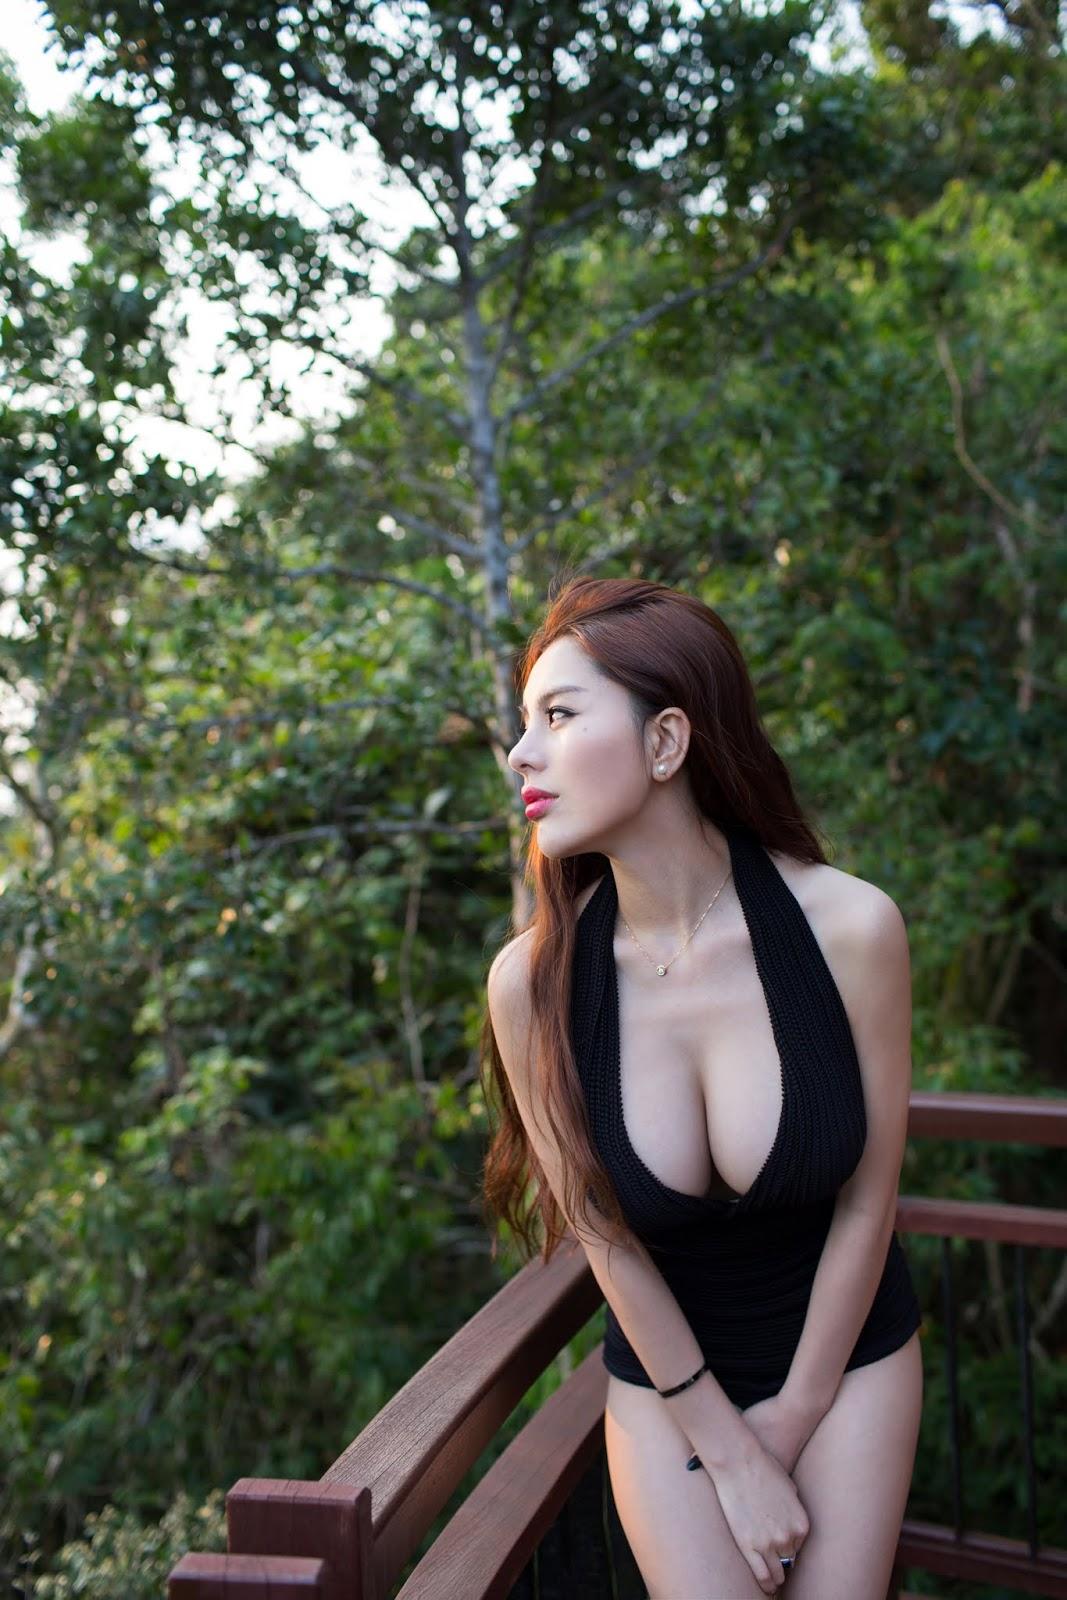 %252B%252B%252B%25C2%25AC %252B 32 - Naked Nude Girl TUIGIRL NO.51 Model